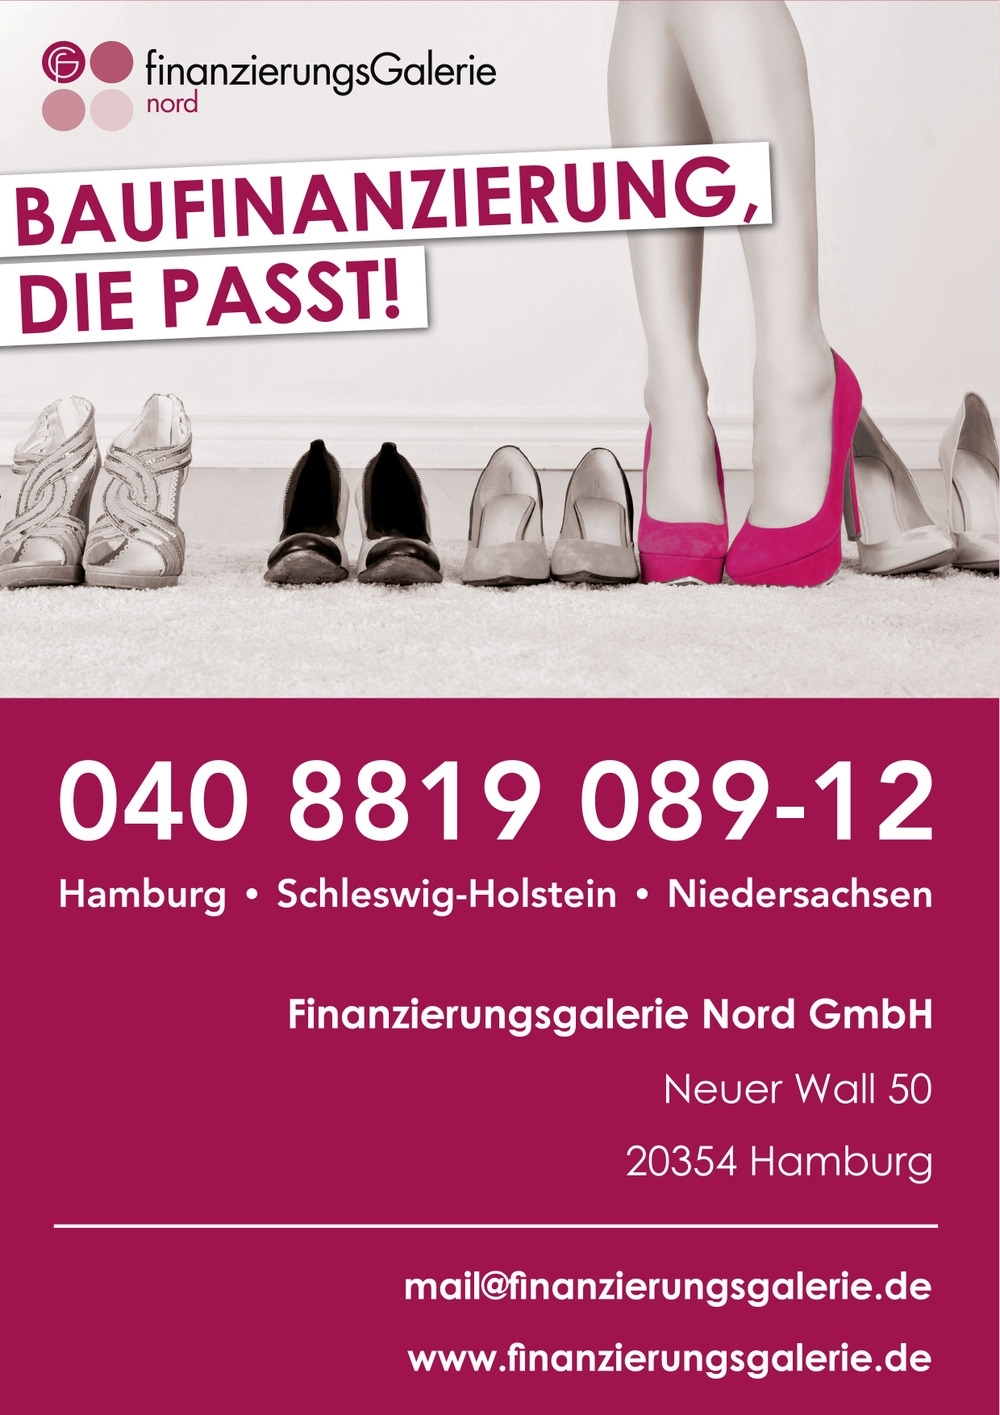 www.finanzierungsgalerie.de